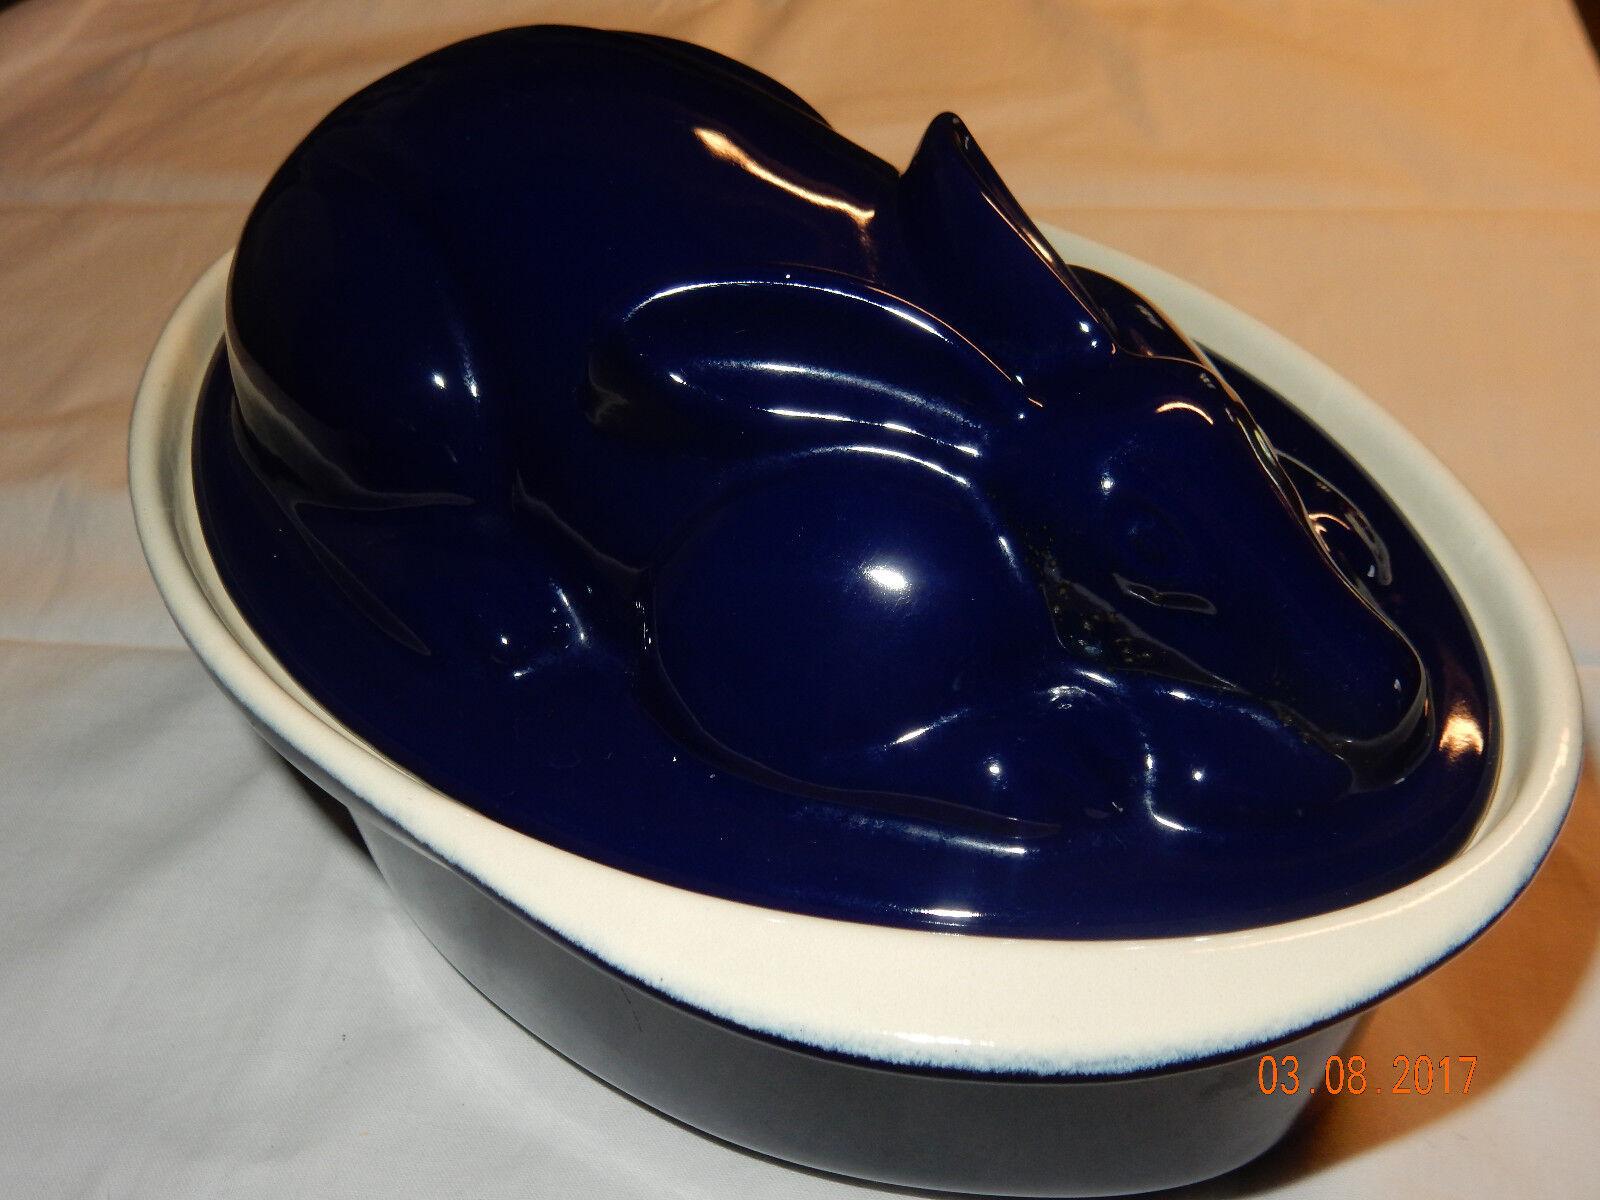 CHASSEUR 1 1 4 quart bleu émail fonte lapin Cocotte avec couvercle  Paques